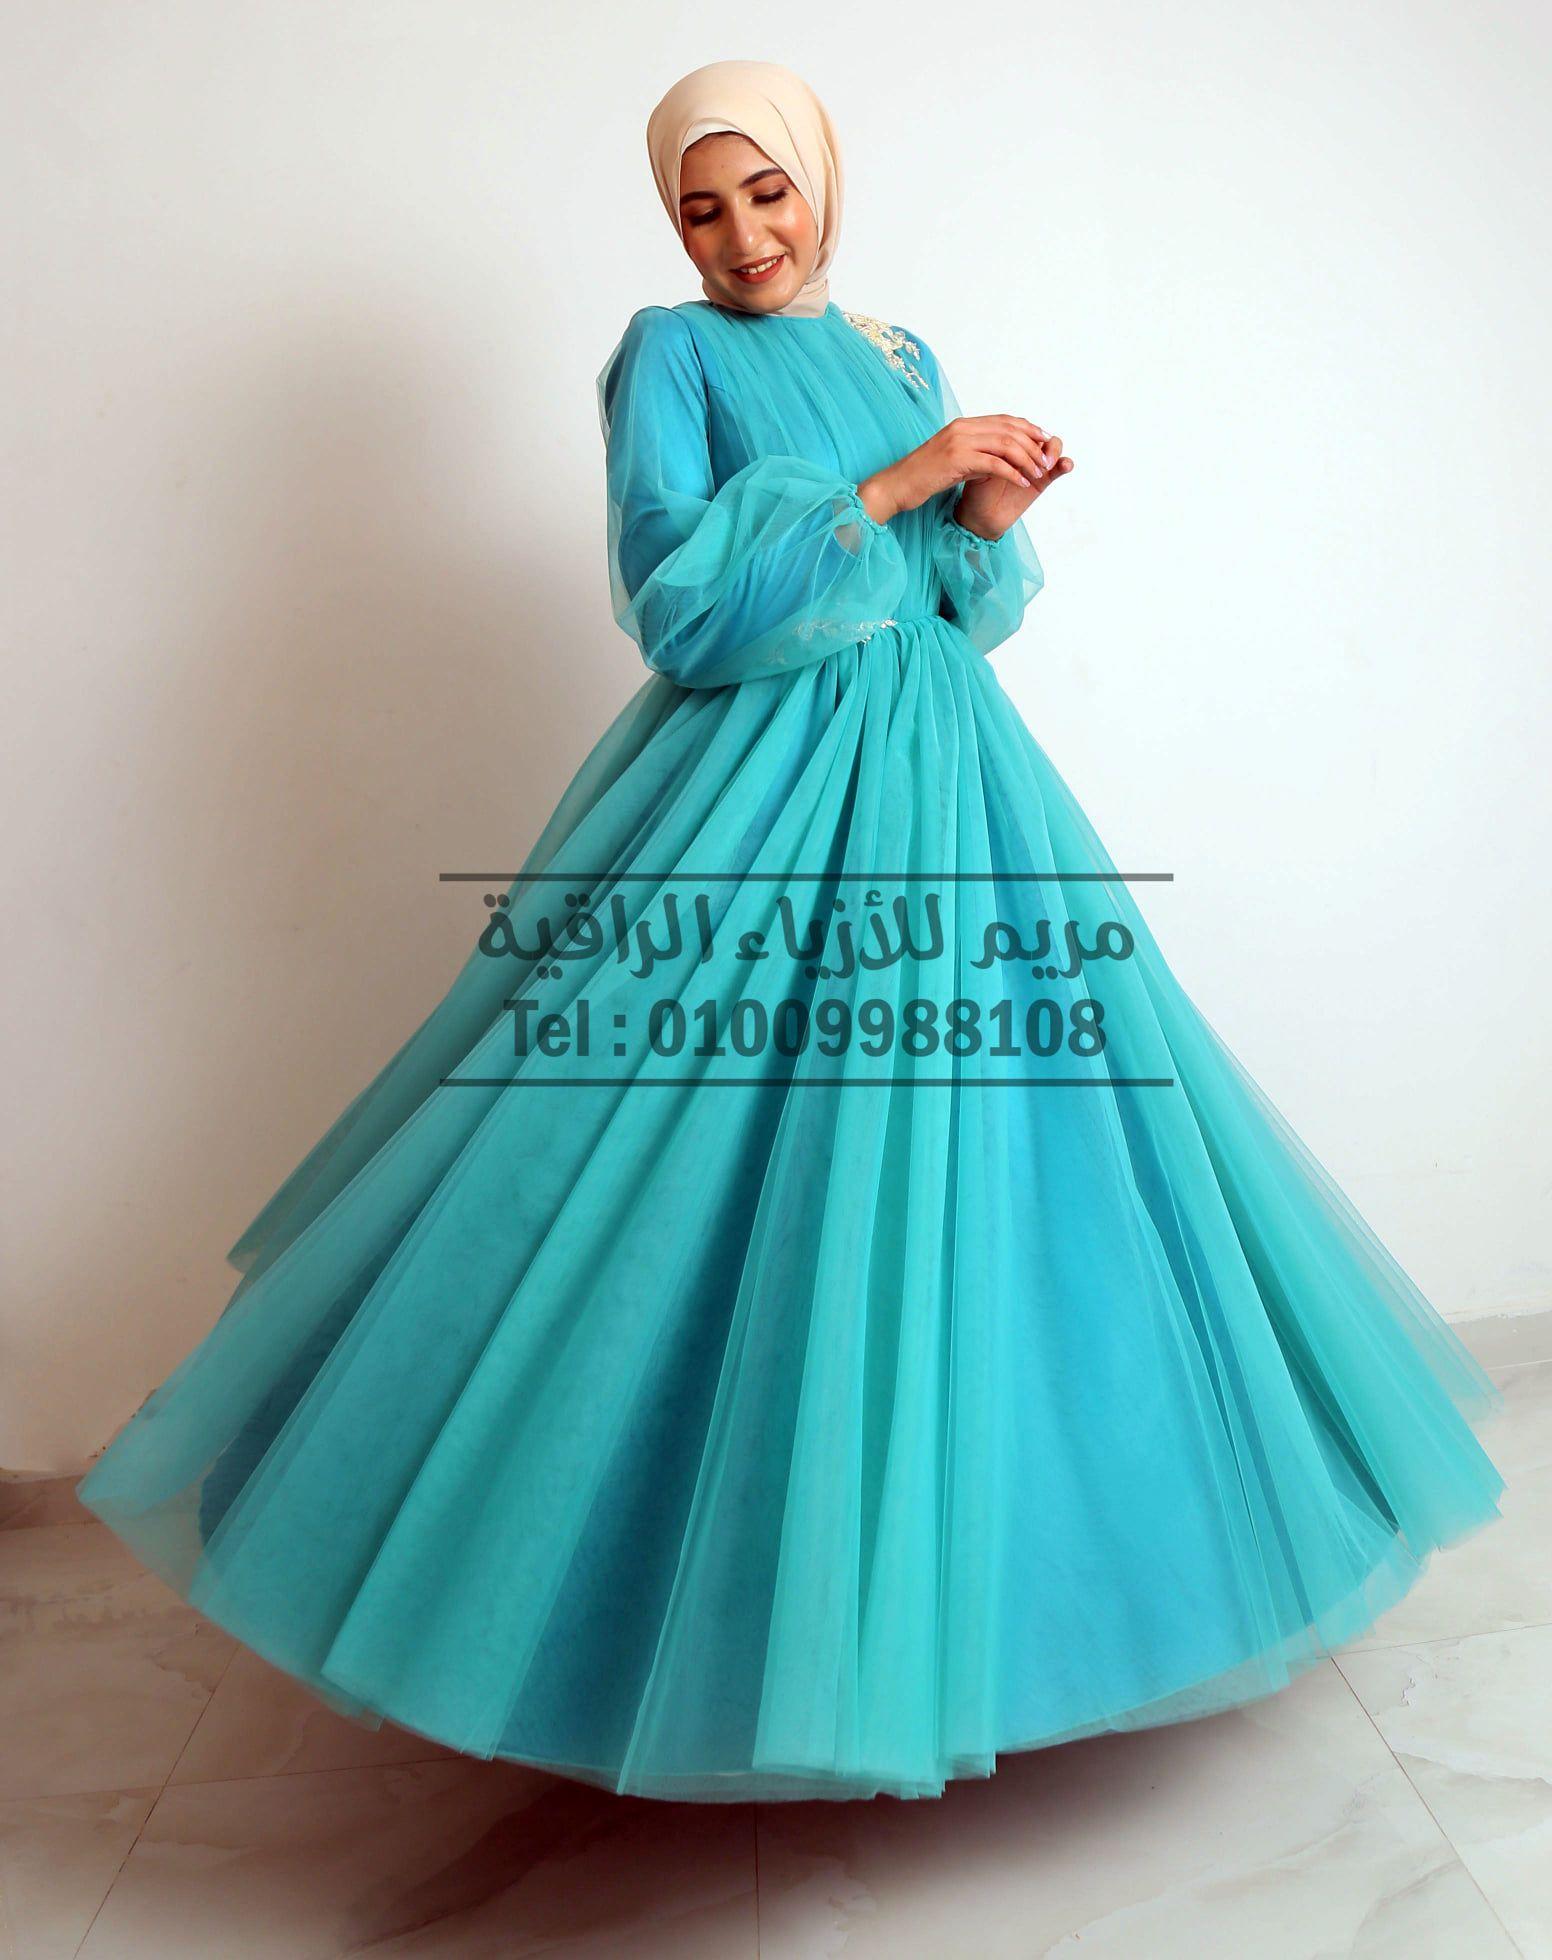 فستان باللون الفيروزى من تصميمى In 2021 Dresses Victorian Dress Fashion